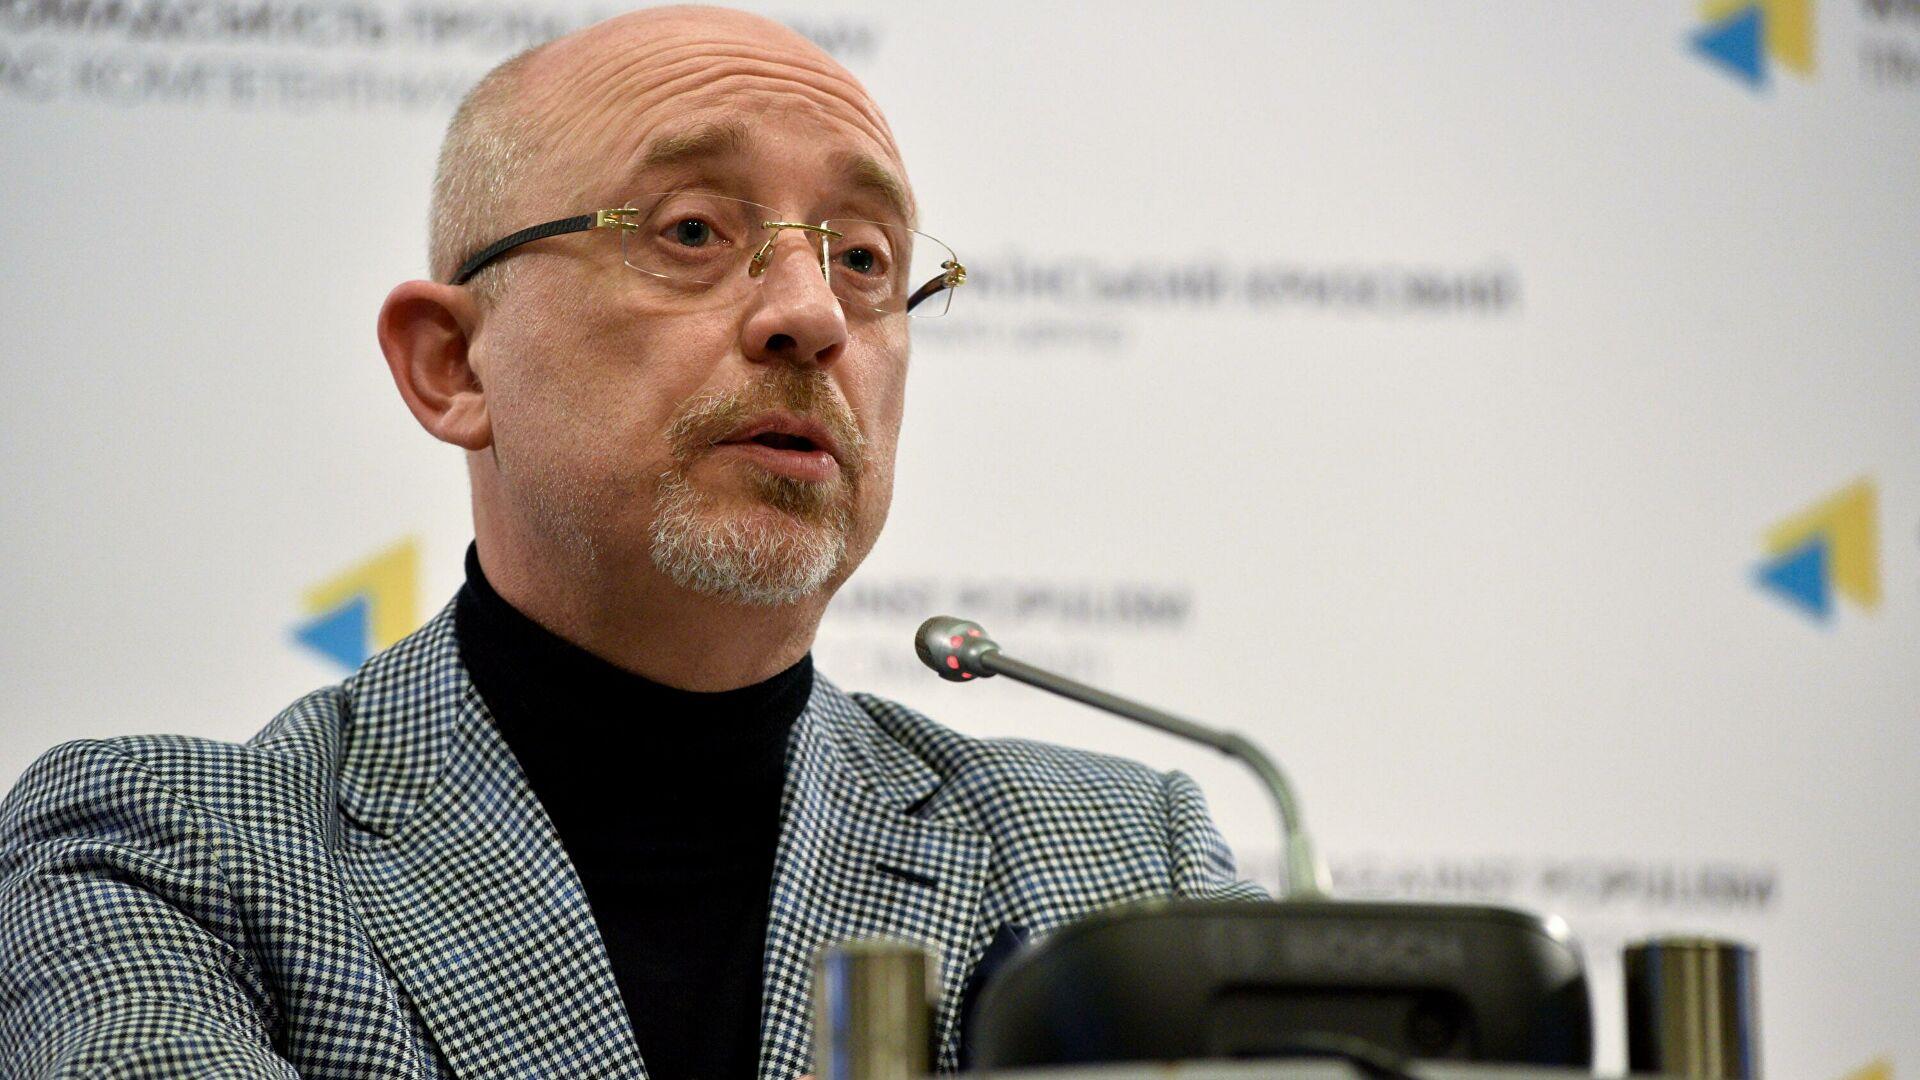 Кијев: Заоштравање ситуације у Донбасу довешће до оштријих рестрикција према Москви